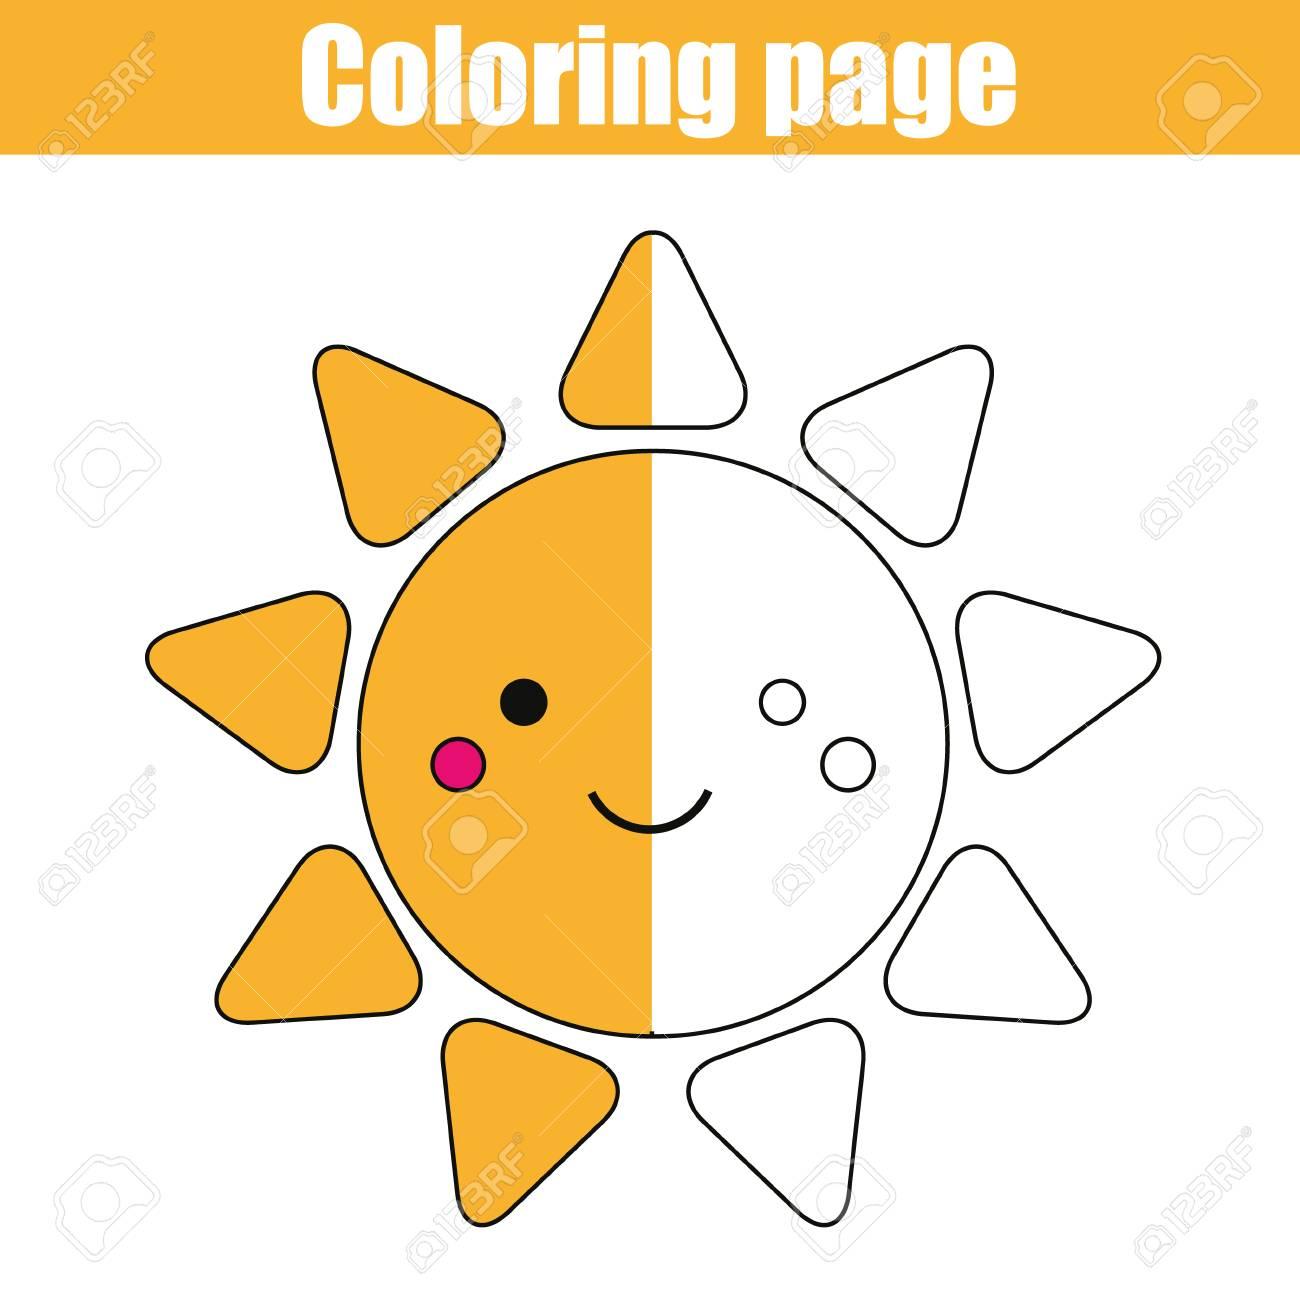 Página Para Colorear Con Lindo Personaje De Sol Sonriente Colorea La Actividad De Dibujo De La Imagen Juego Educativo Para Niños De Edad